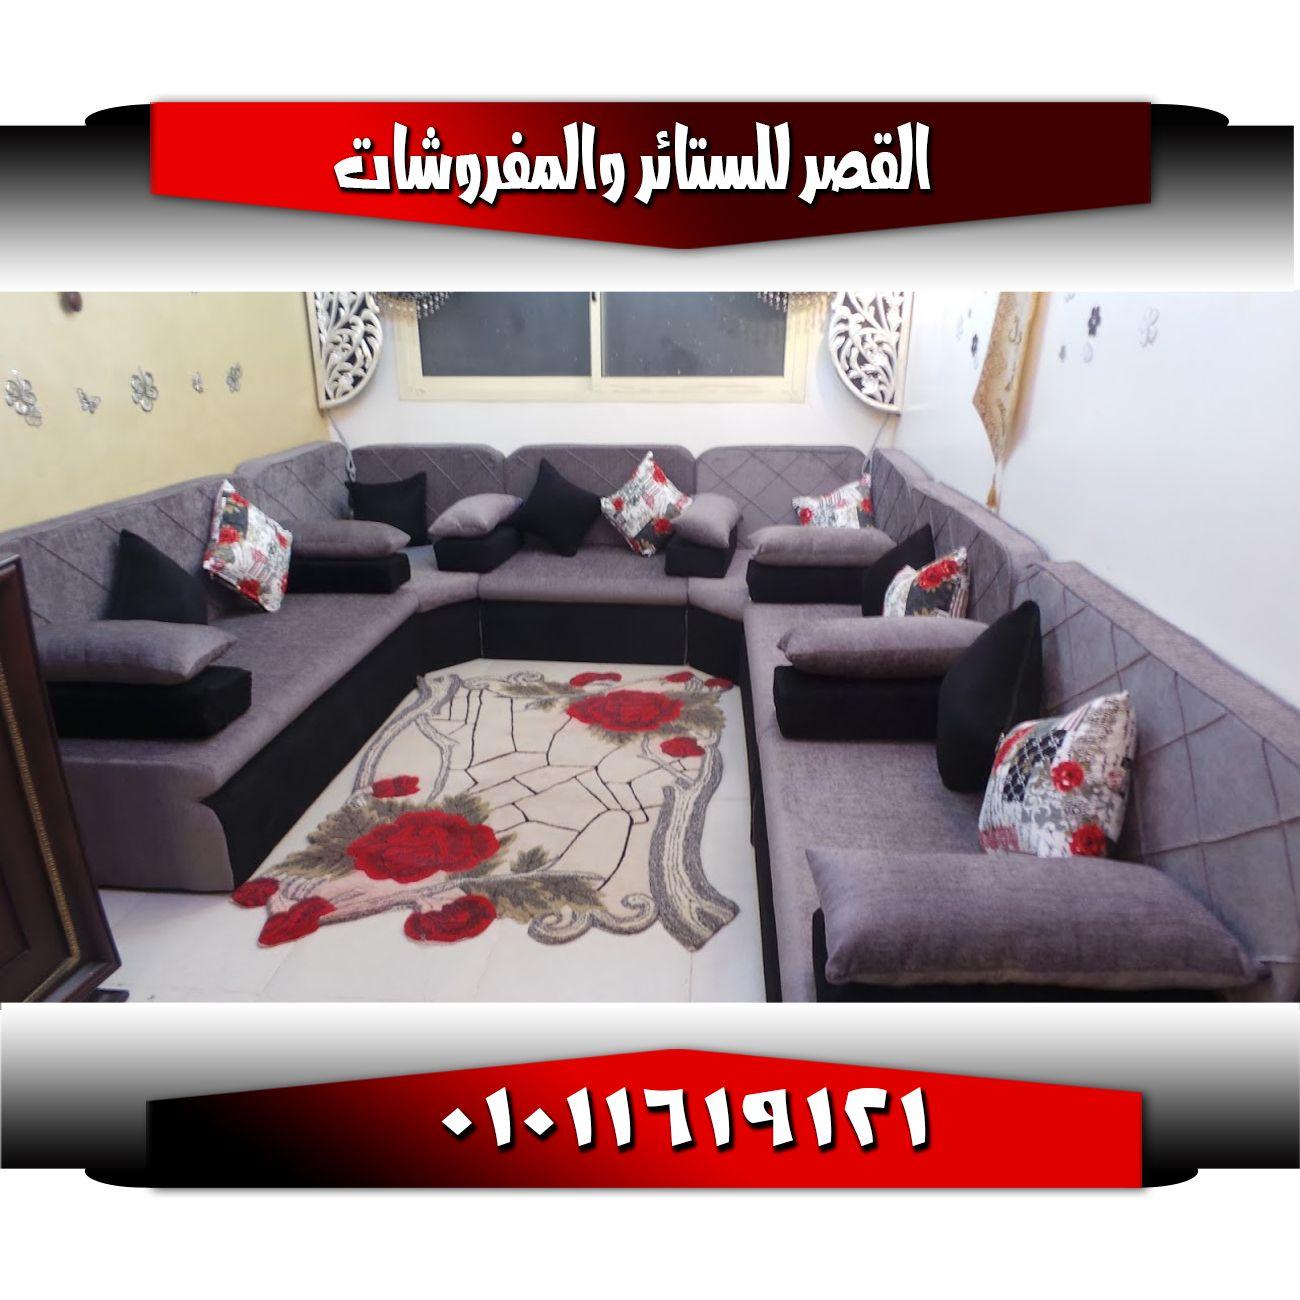 احلى مجلس وأجمل قعدة عربي من اسفنج عالي الكثافة بارتفاع 40 سم Home Decor Home Sectional Couch